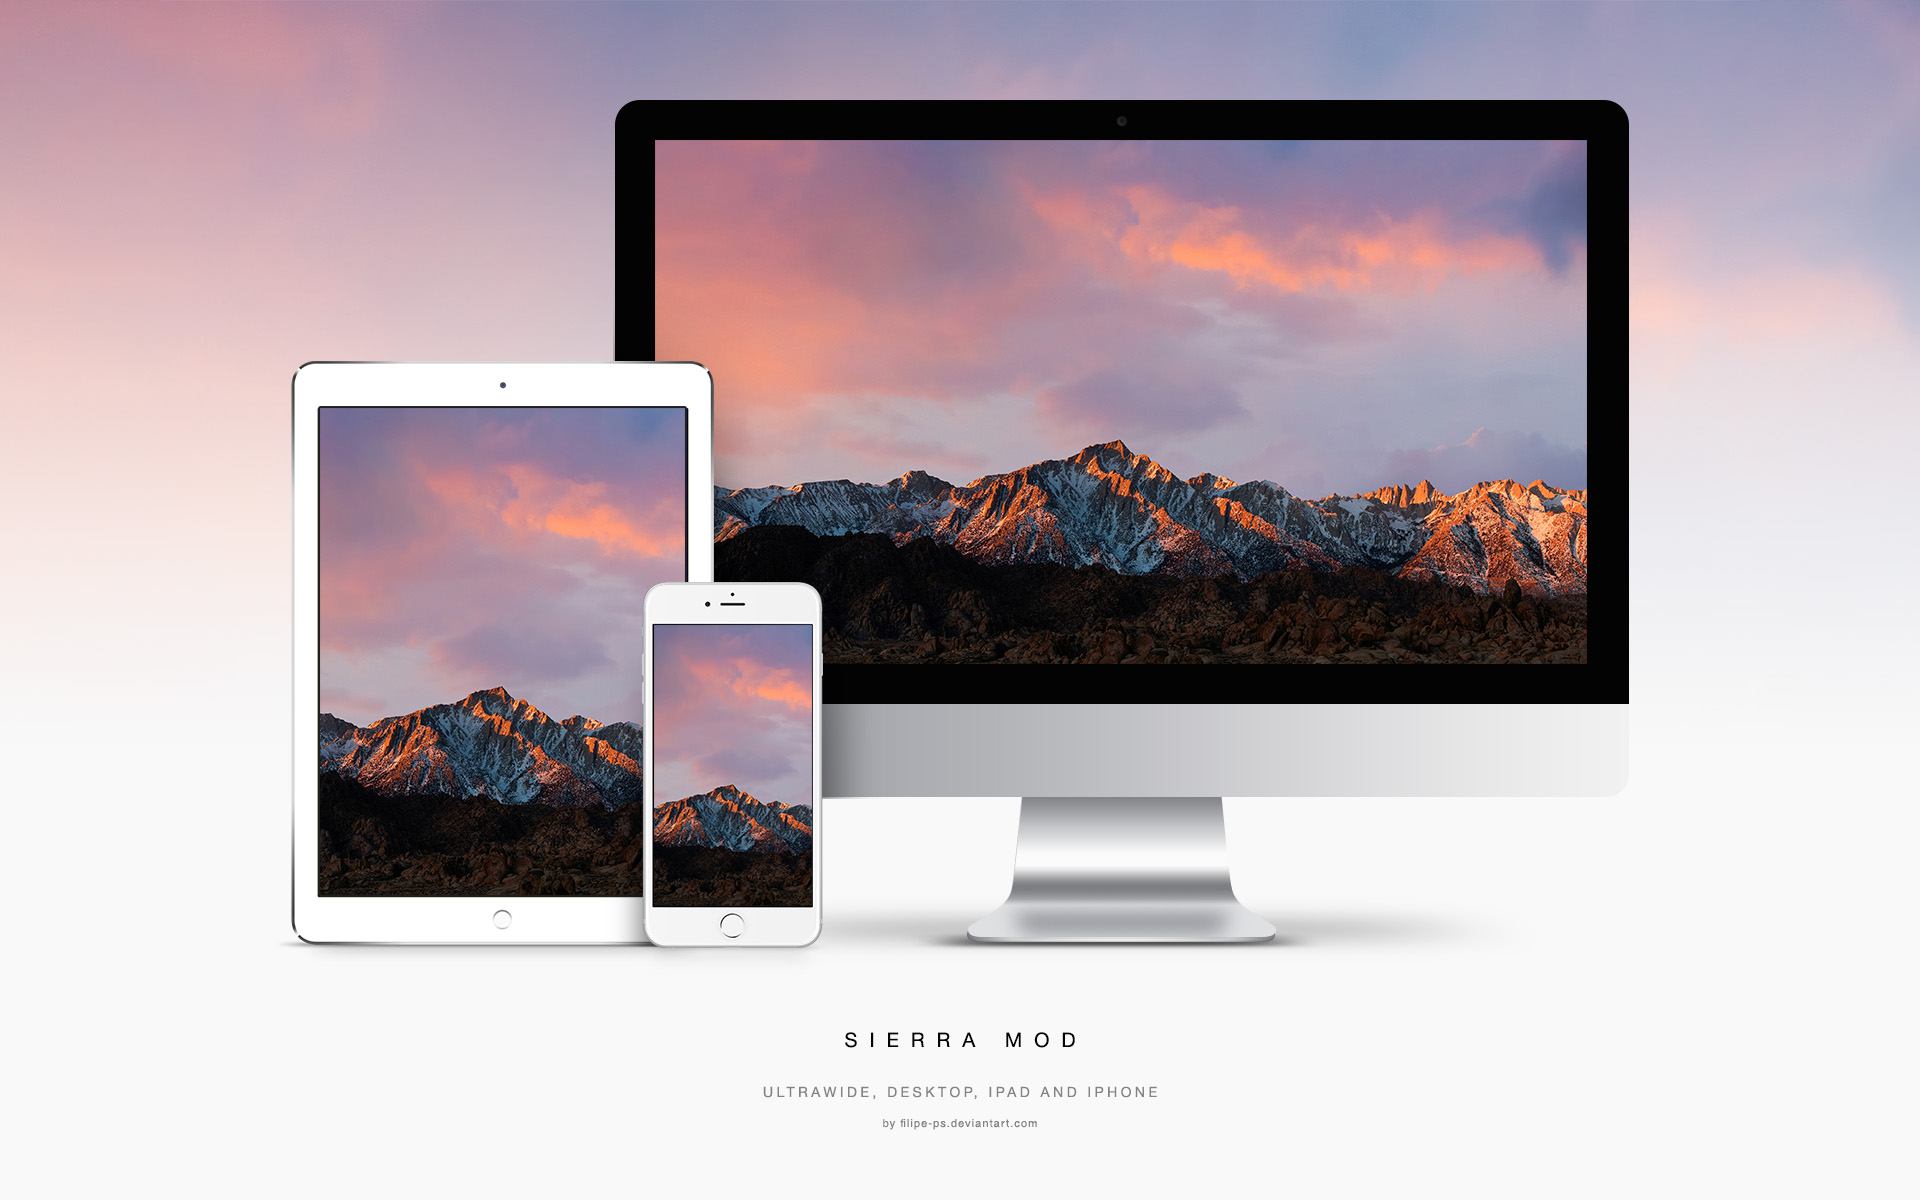 Sierra Mod Wallpaper by filipe-ps